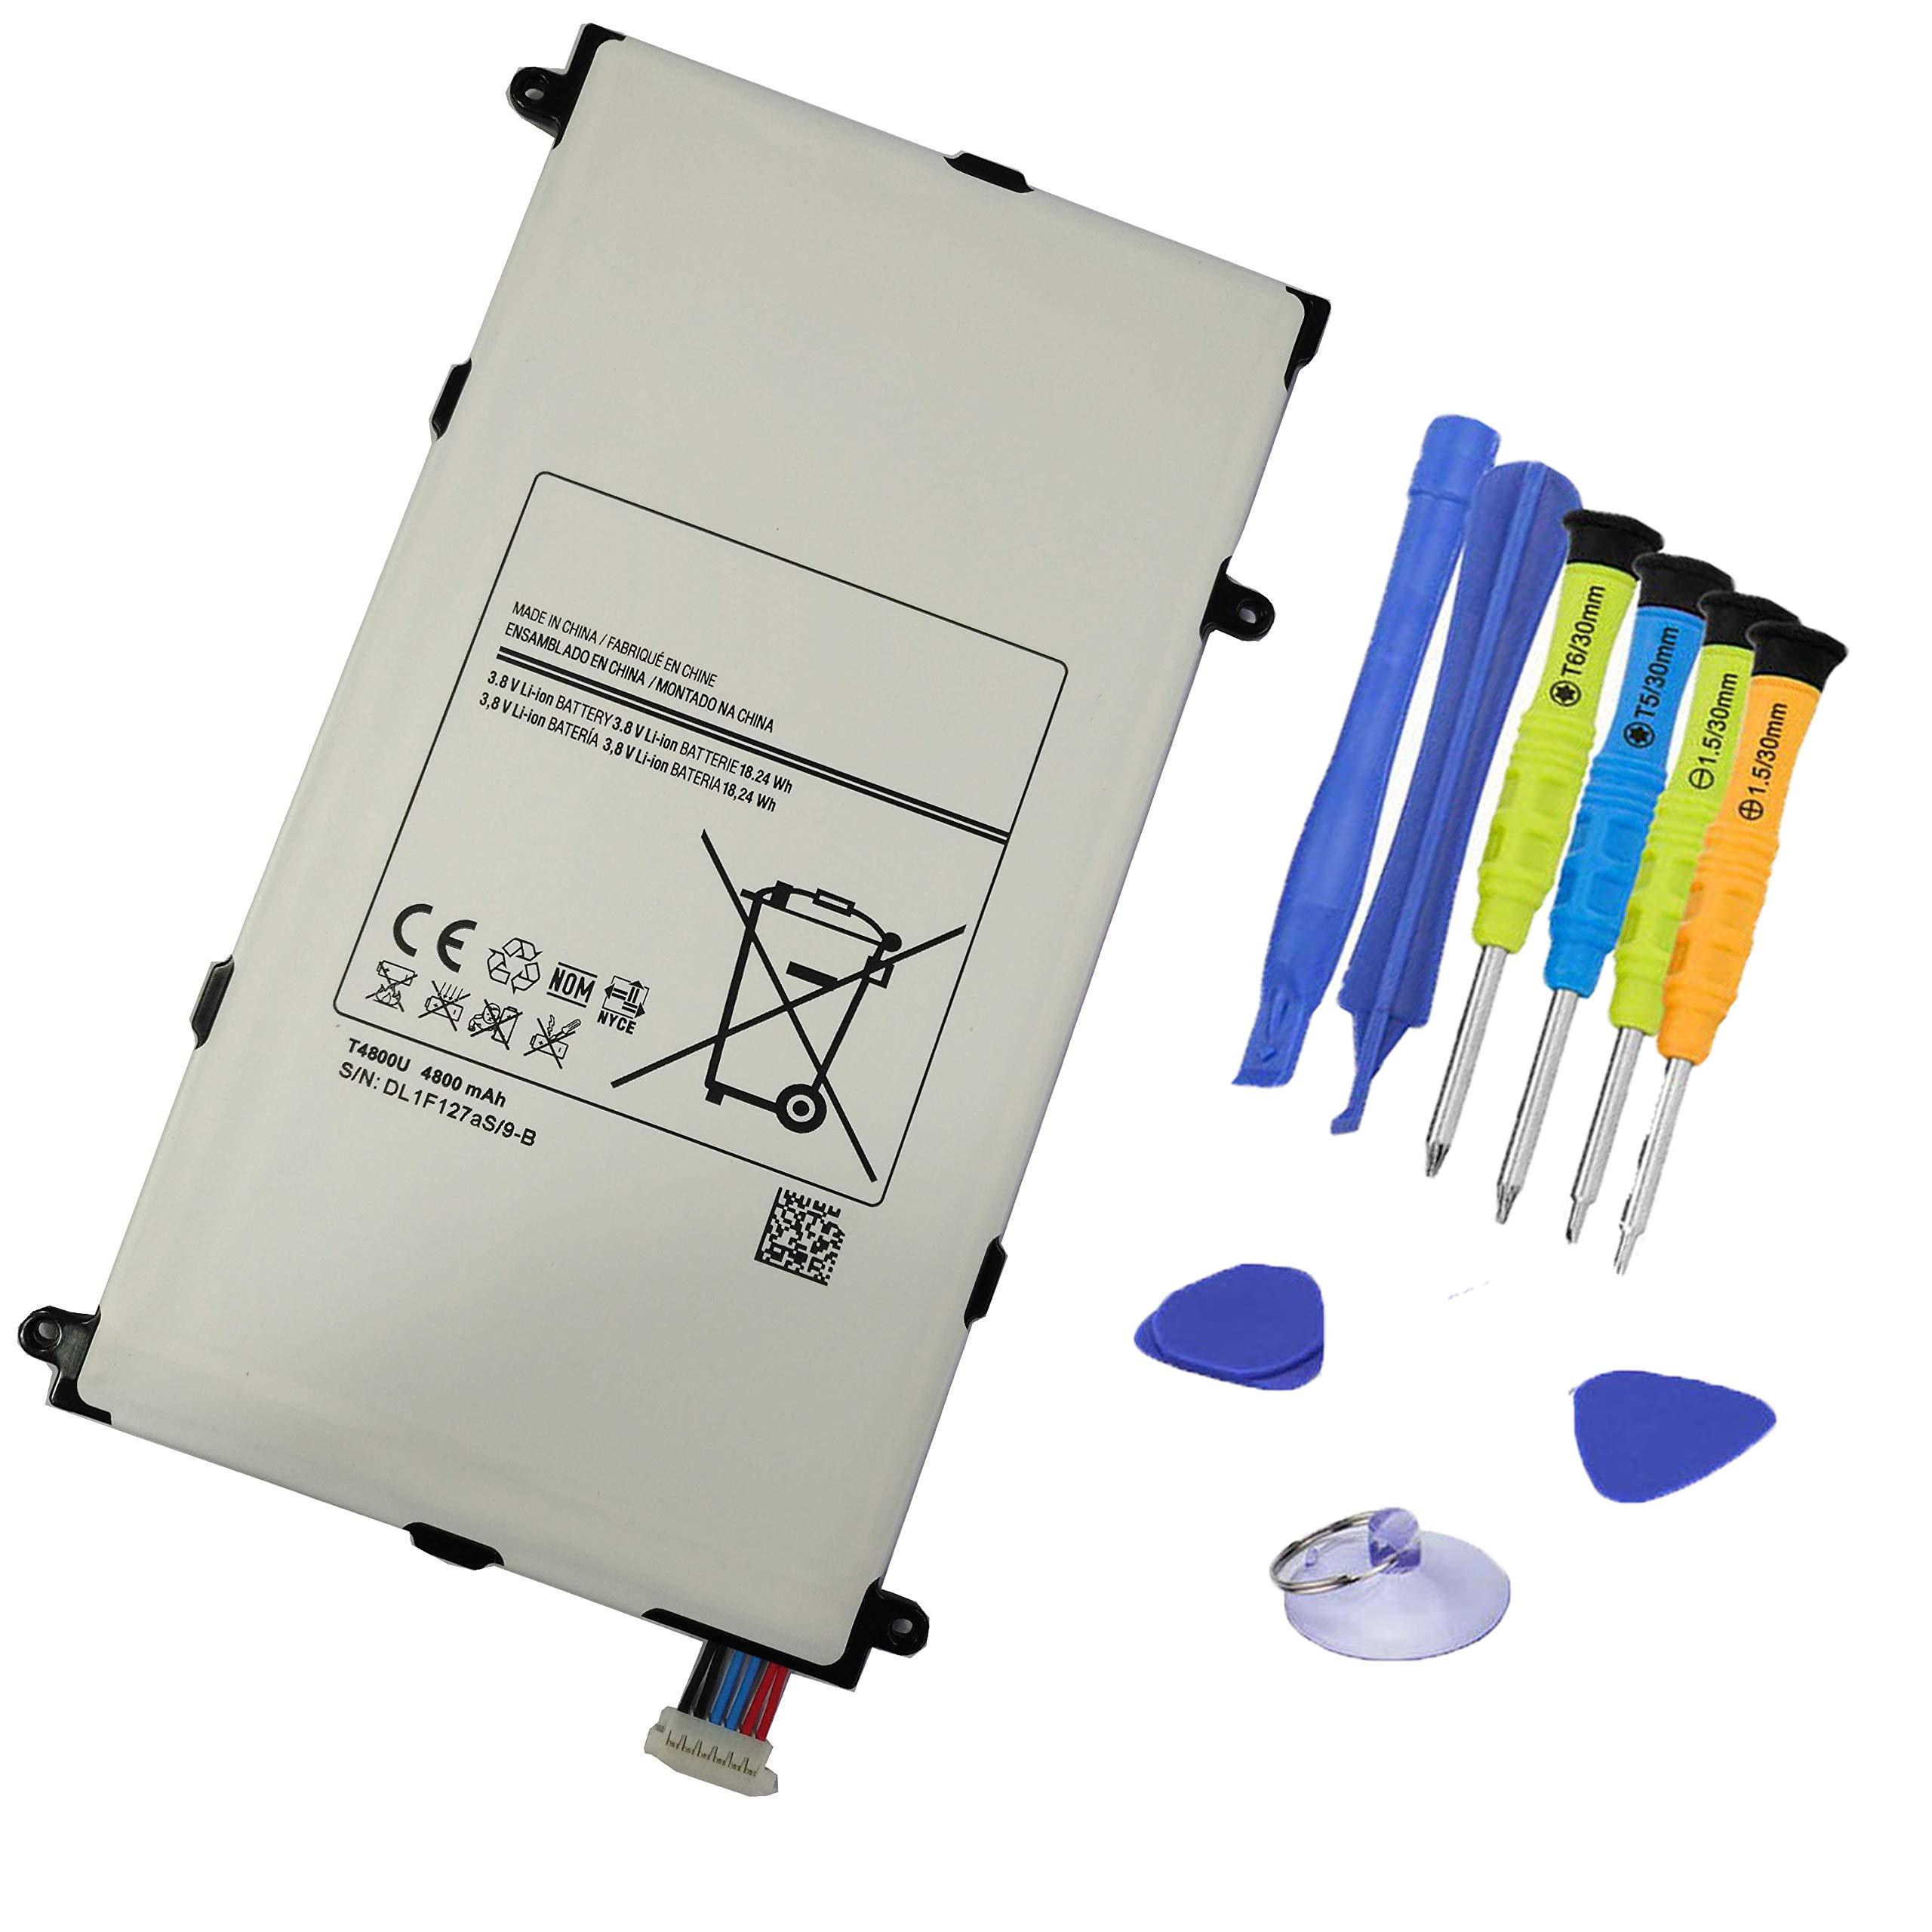 Bateria 3.8v 18.24wh 4800mah T4800u Para Samsung Galaxy Tab Pro 8.4 Tablet Pc Sm-t325 T320 T321 Series T4800e T4800k T48